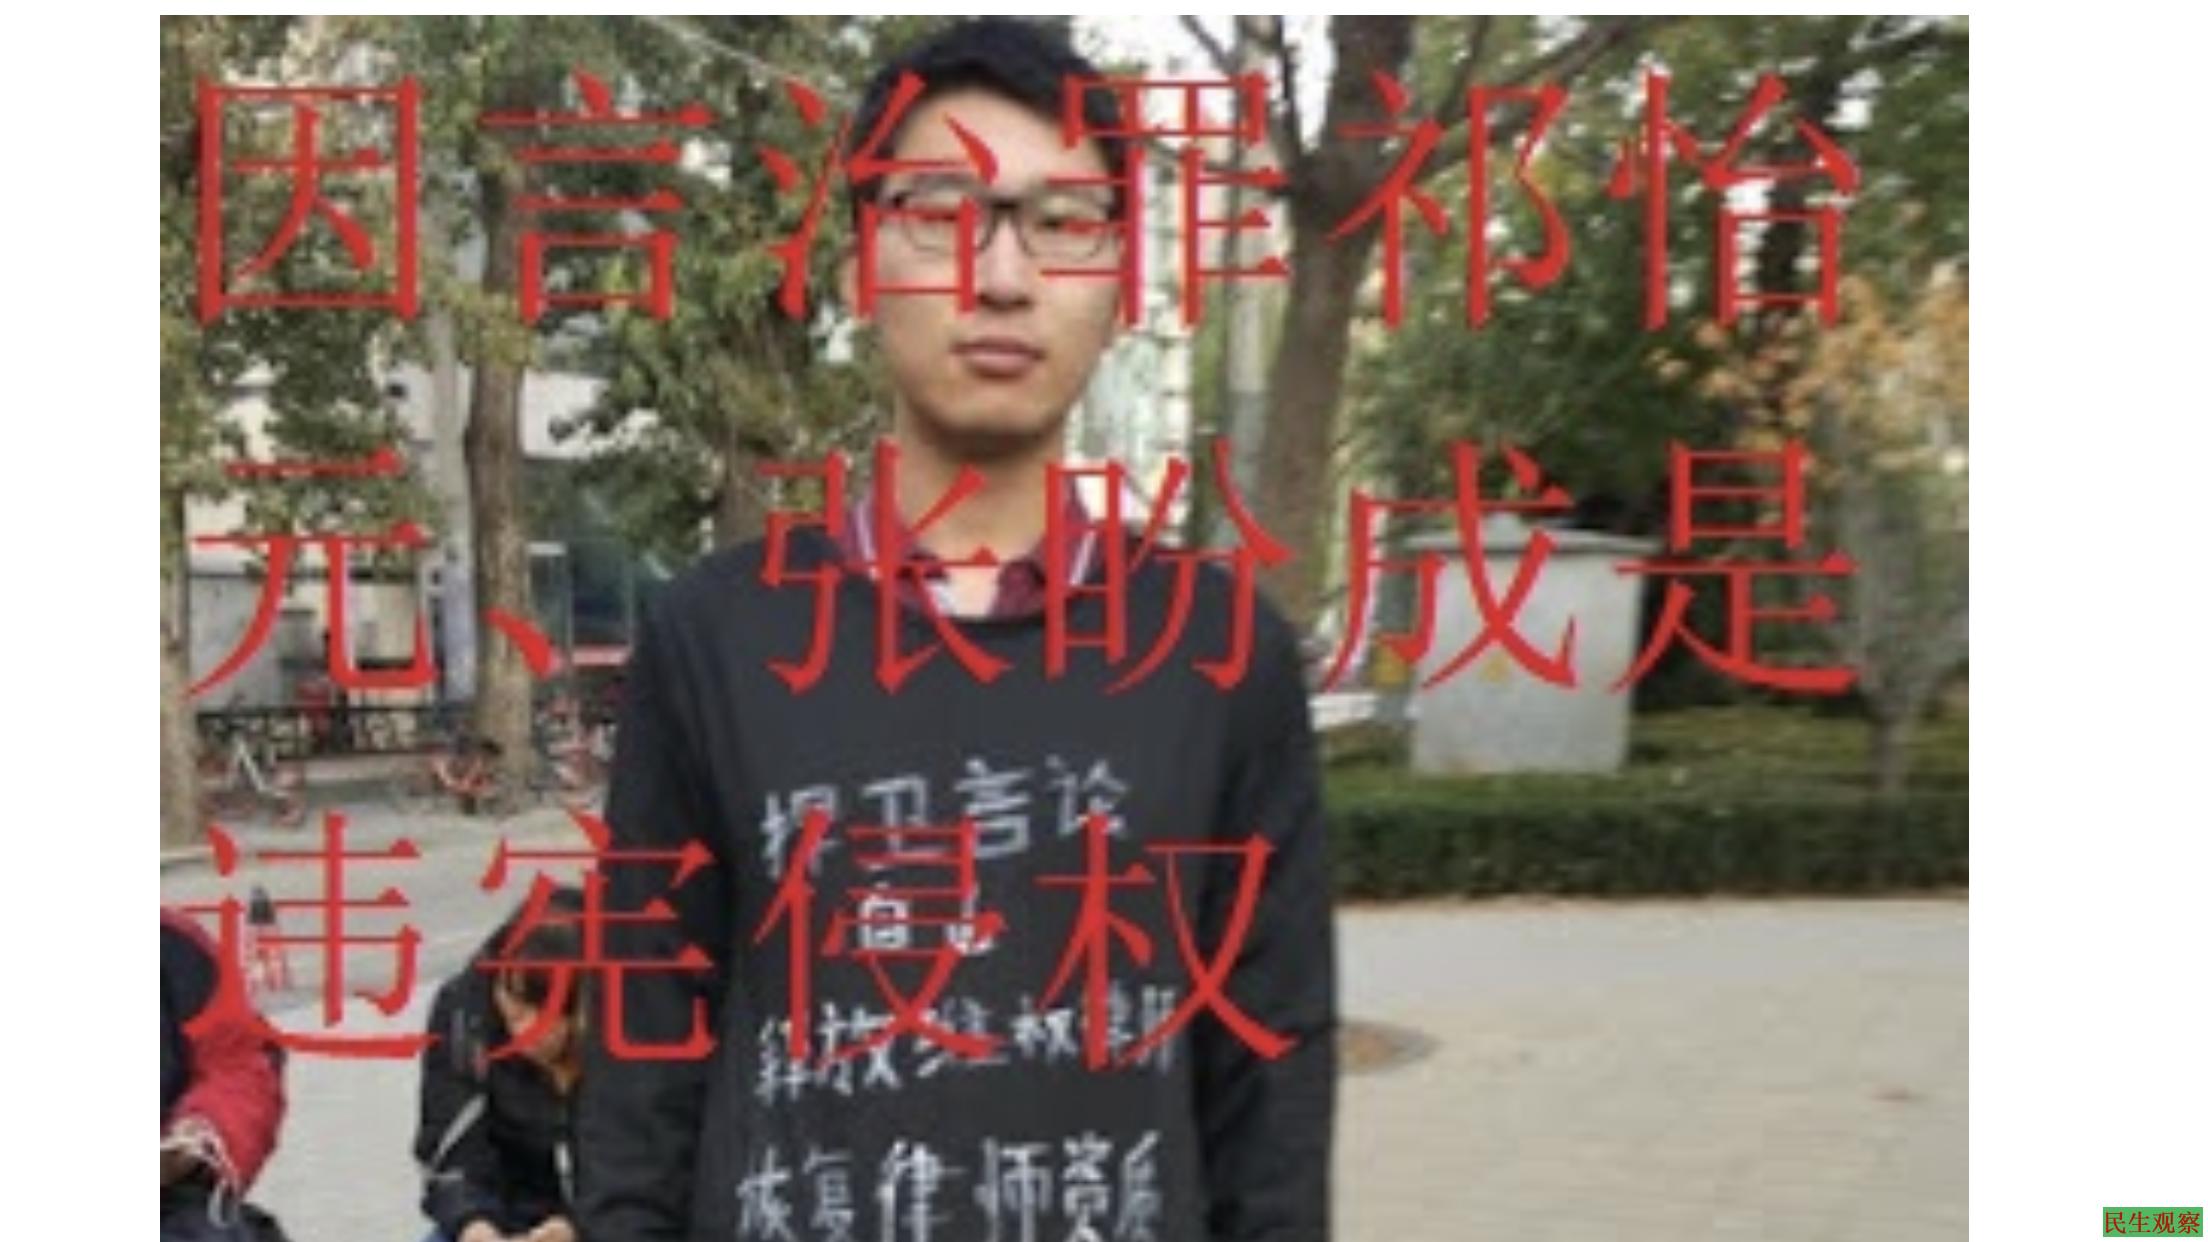 因言治罪祁怡元、张盼成是违宪侵权